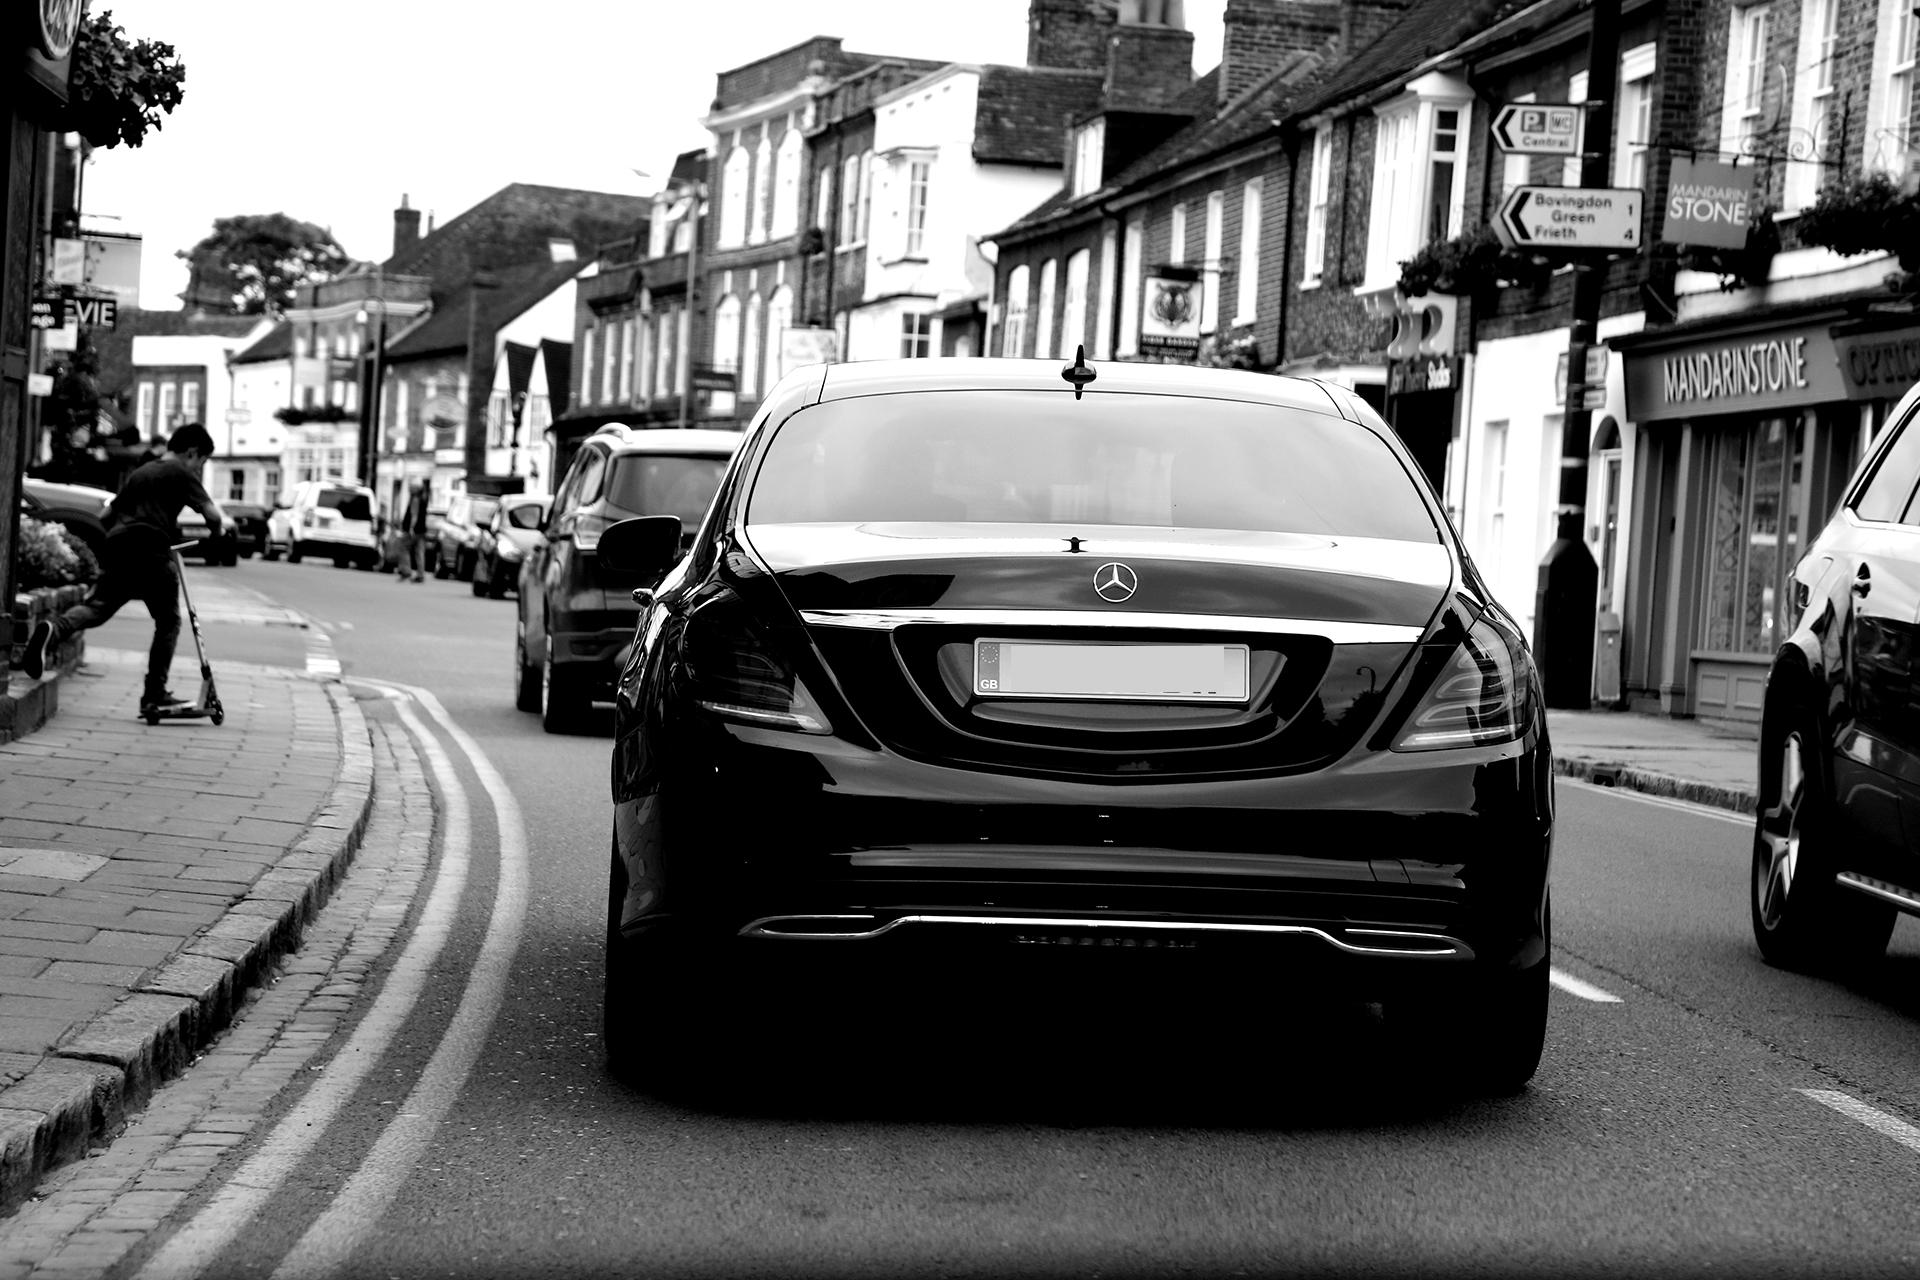 Oxford Chauffeurs car